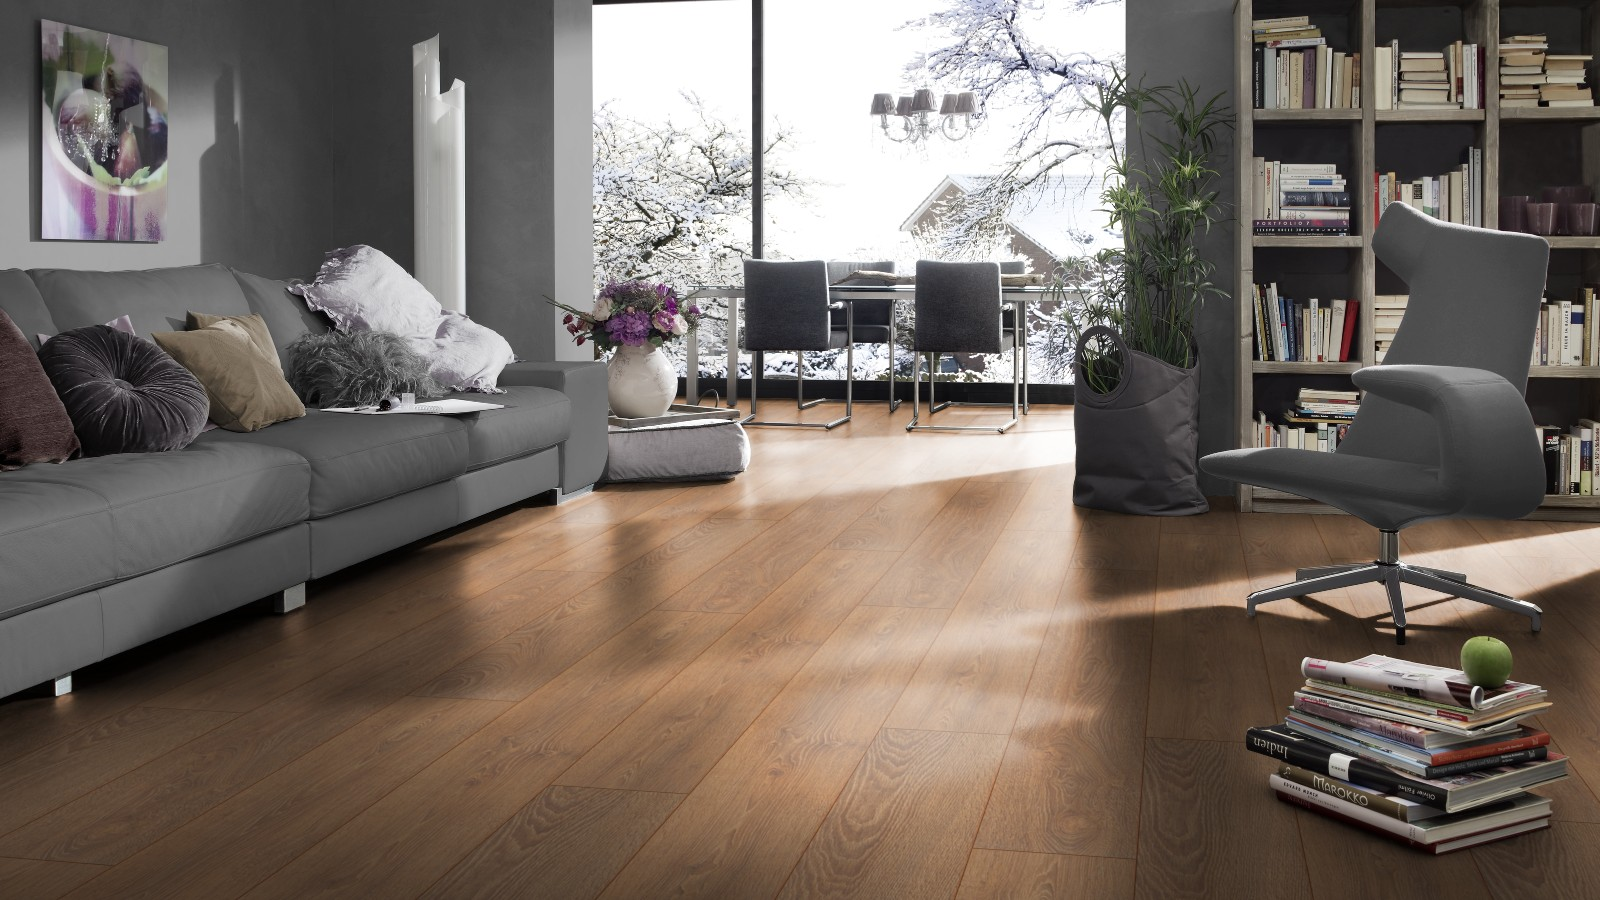 Lắp đặt sàn gỗ cho mùa đông ấm áp